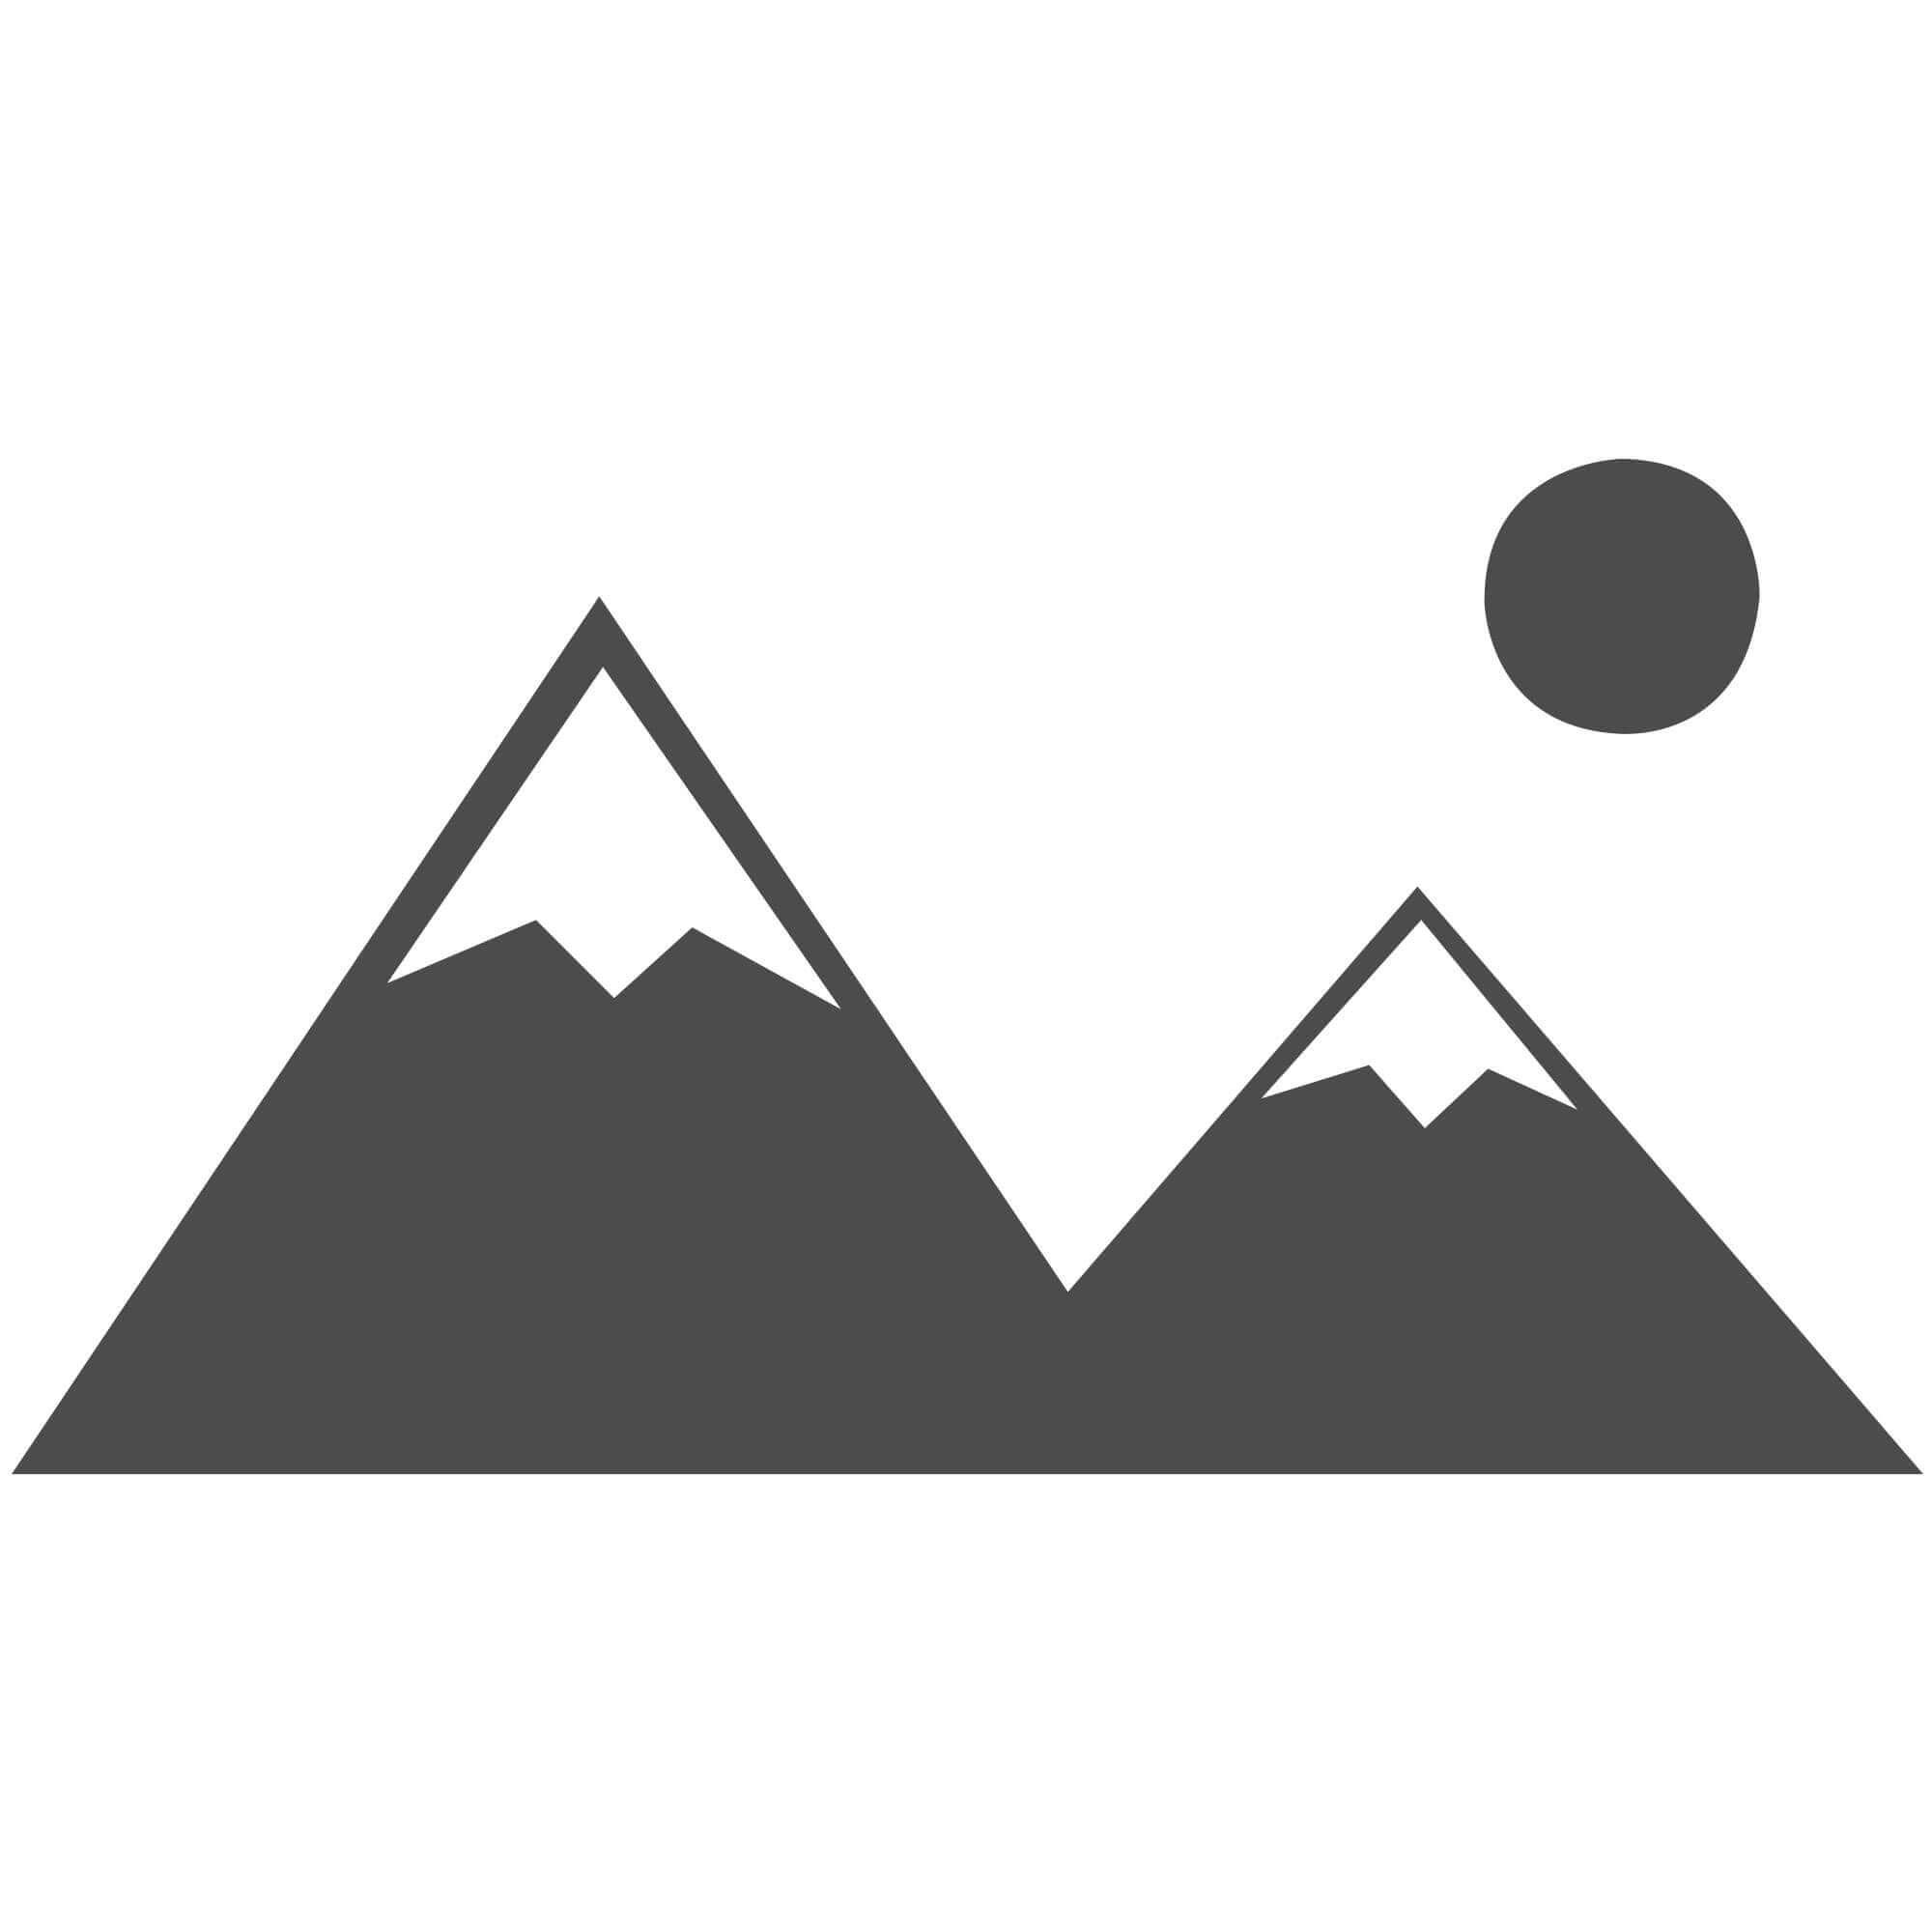 Galleria Rug - Border Blue 63138 6191 - Size Runner 67 x 230 cm